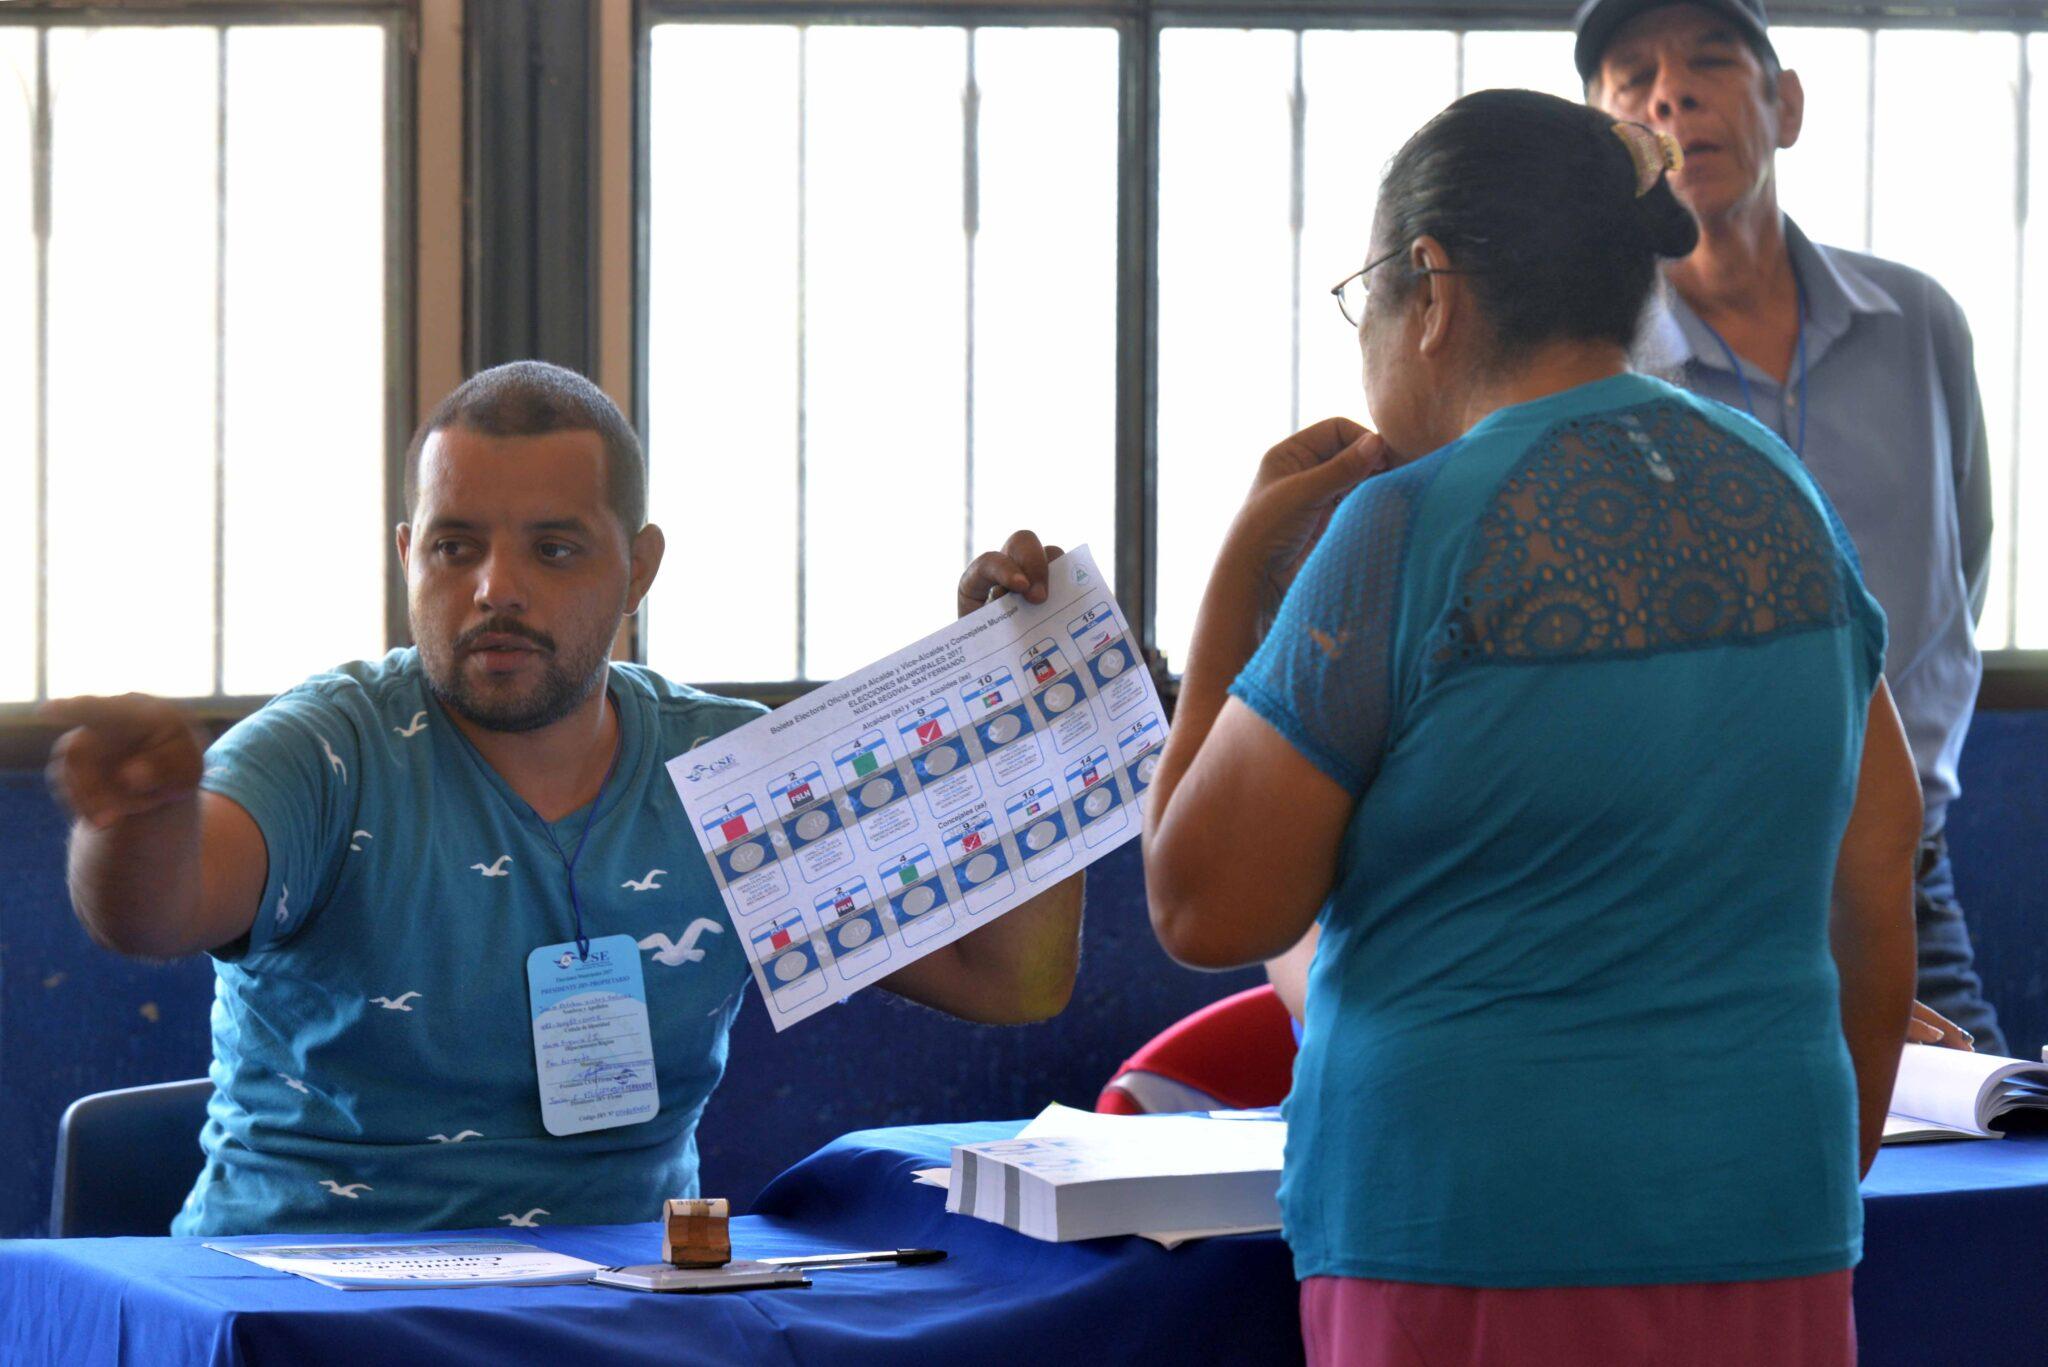 Avanza Ley Renacer que pide elecciones libres en Nicaragua